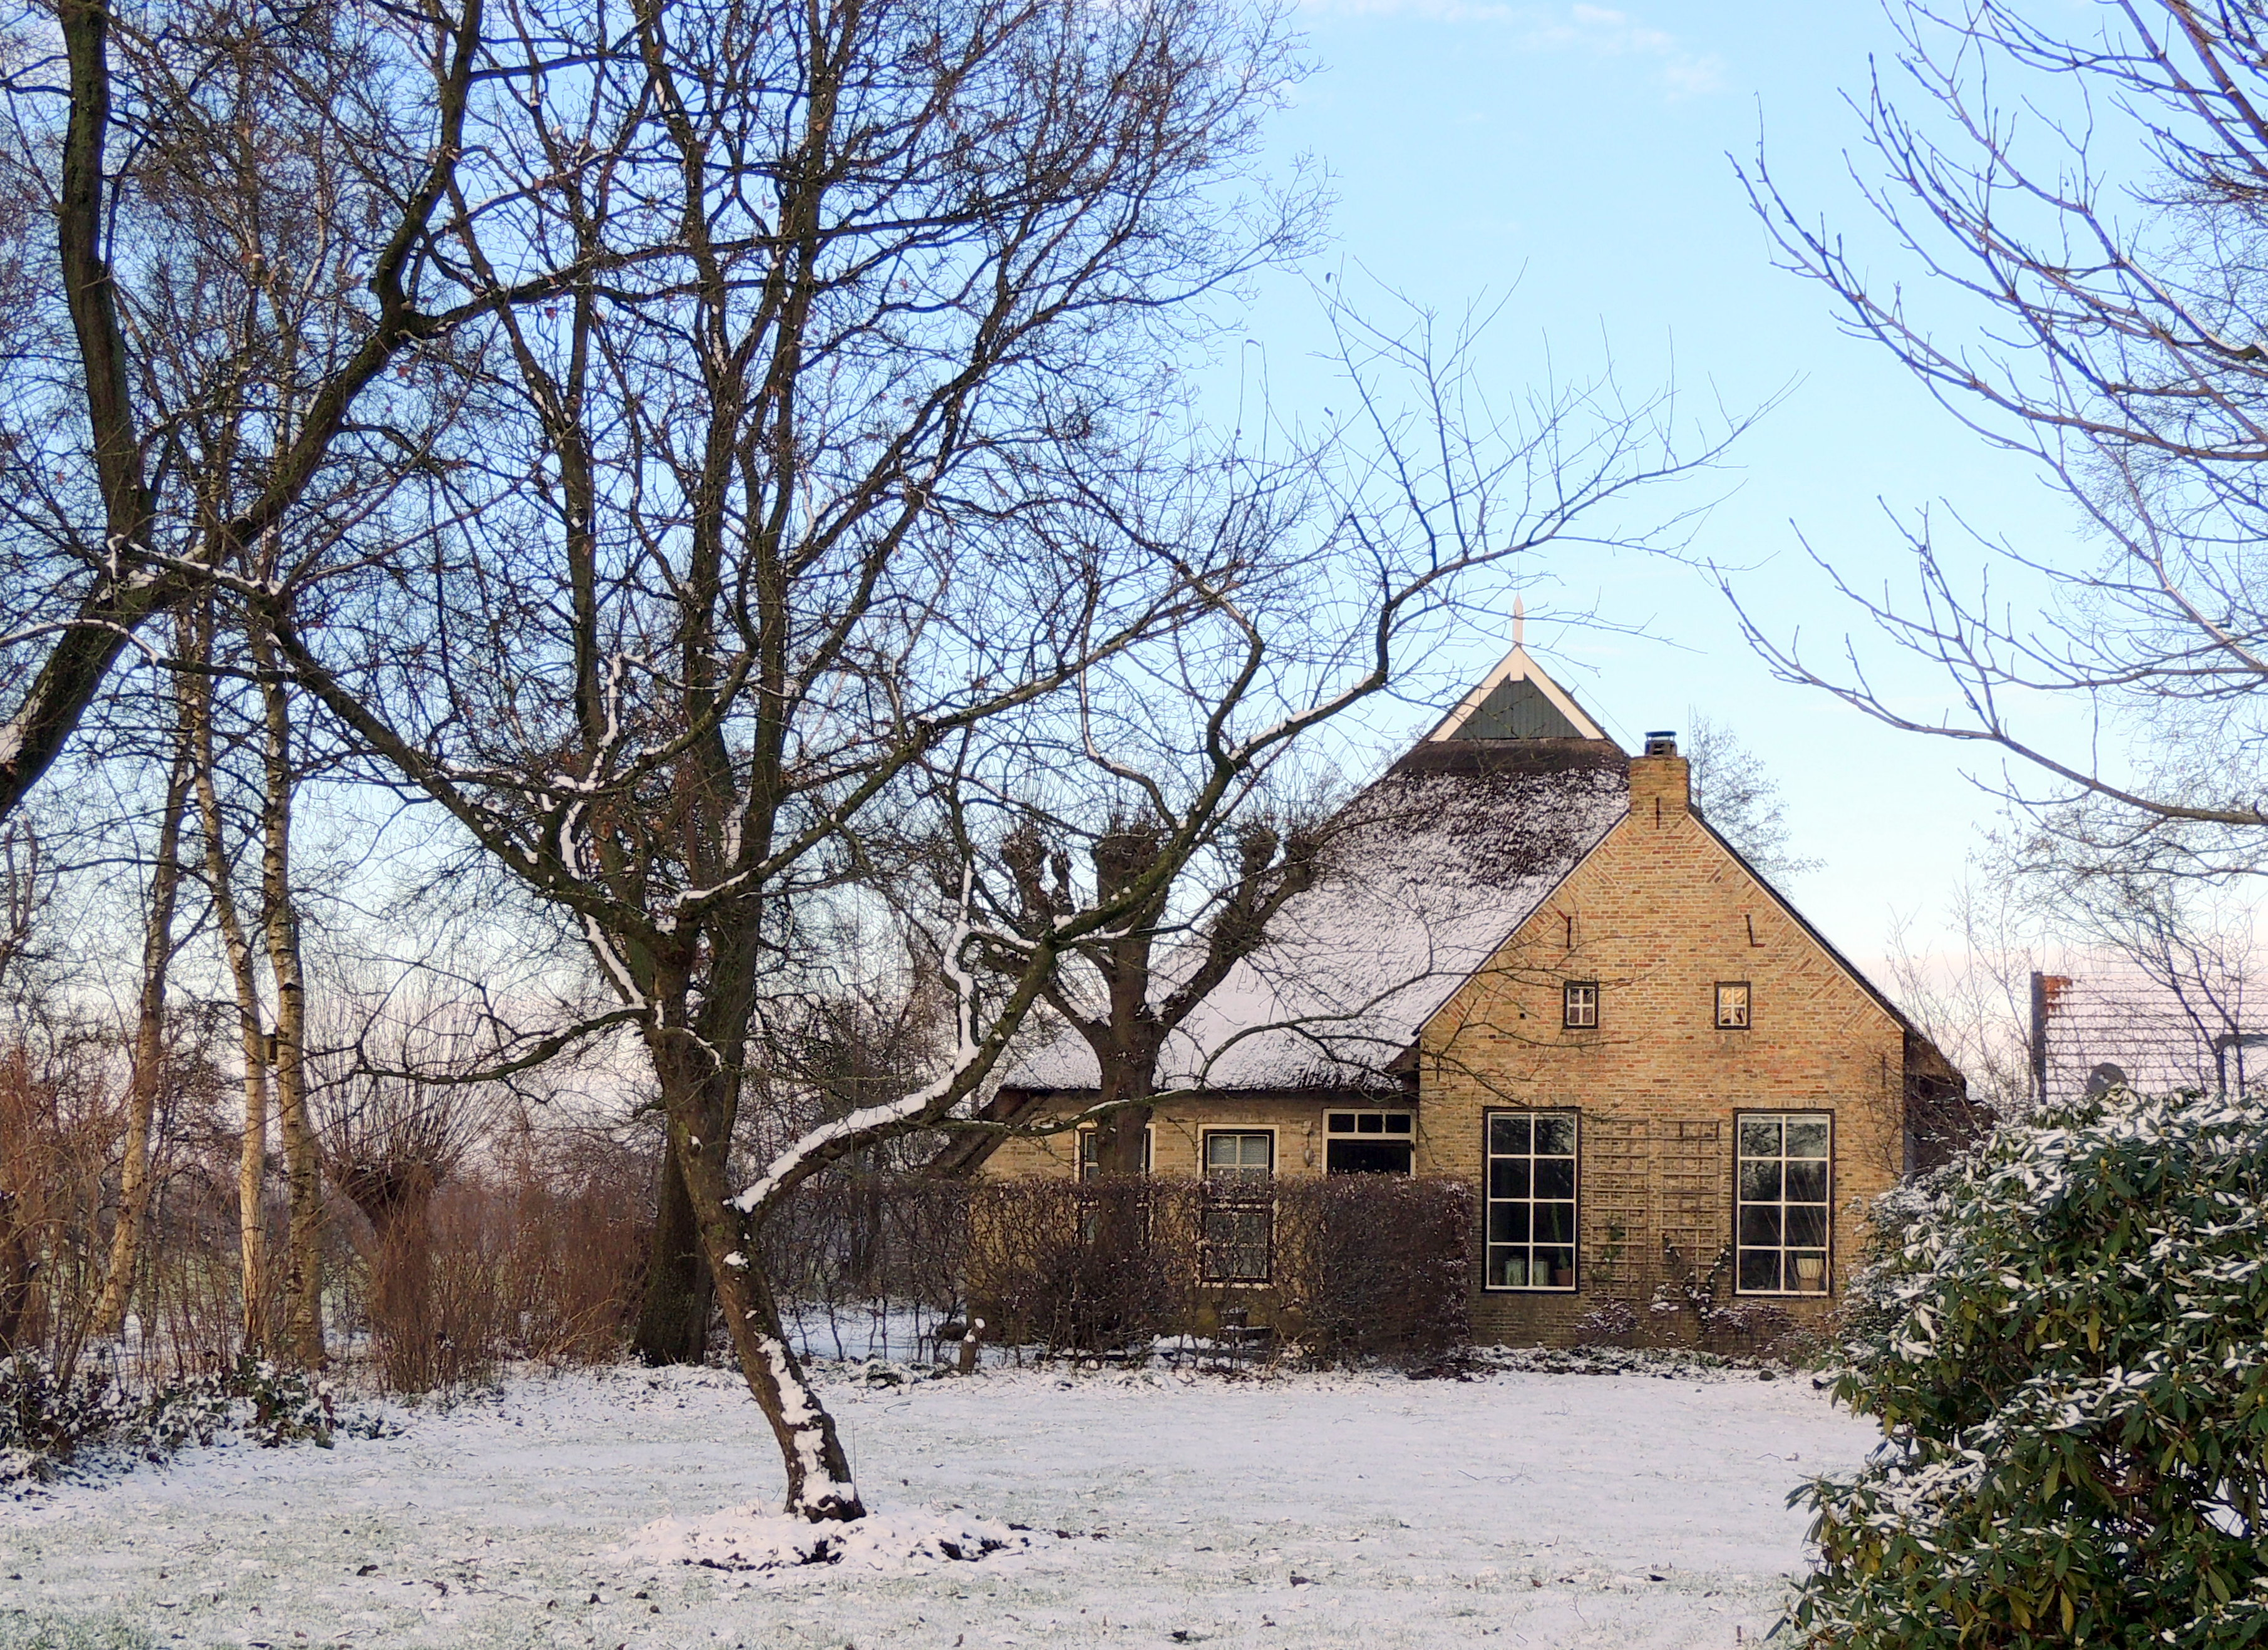 De Oude Boerderij : File oude boerderij spekloane boelenslaan g wikimedia commons